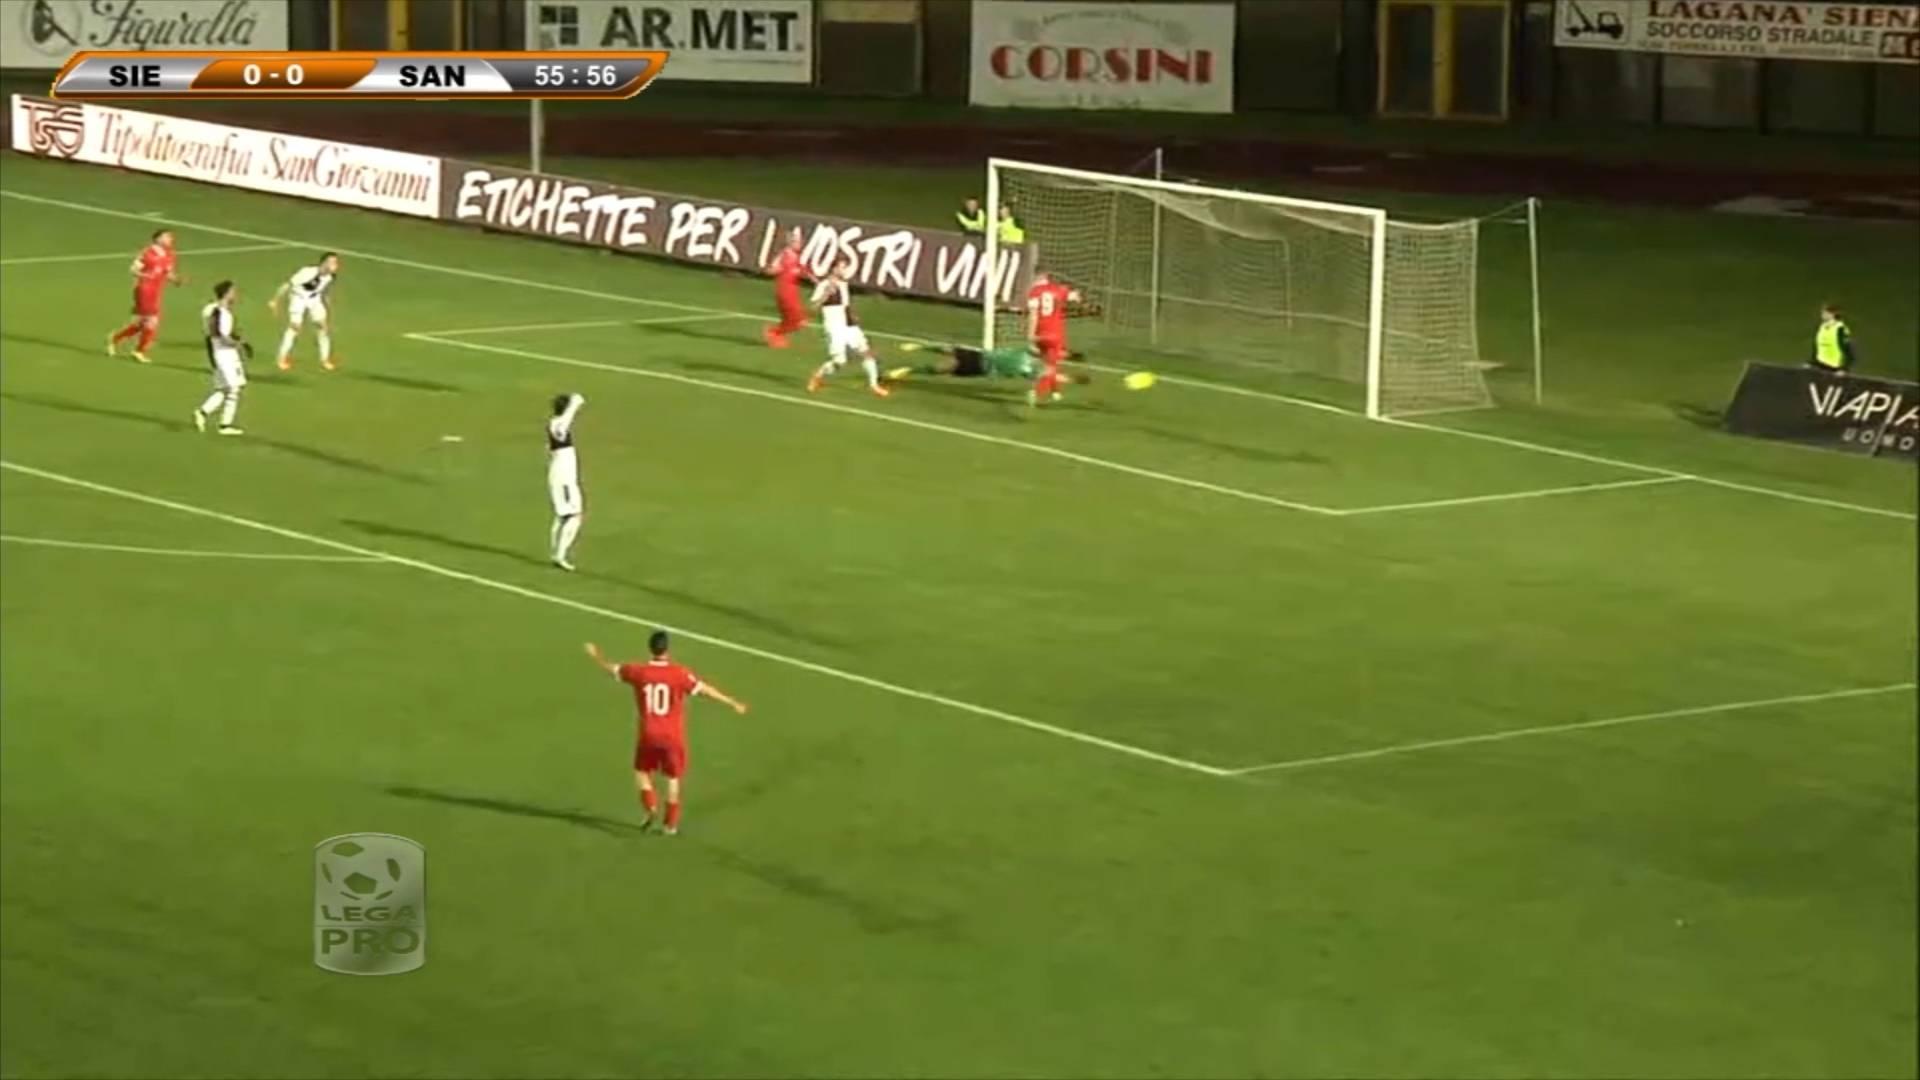 Robur Siena-Santarcangelo 0-2